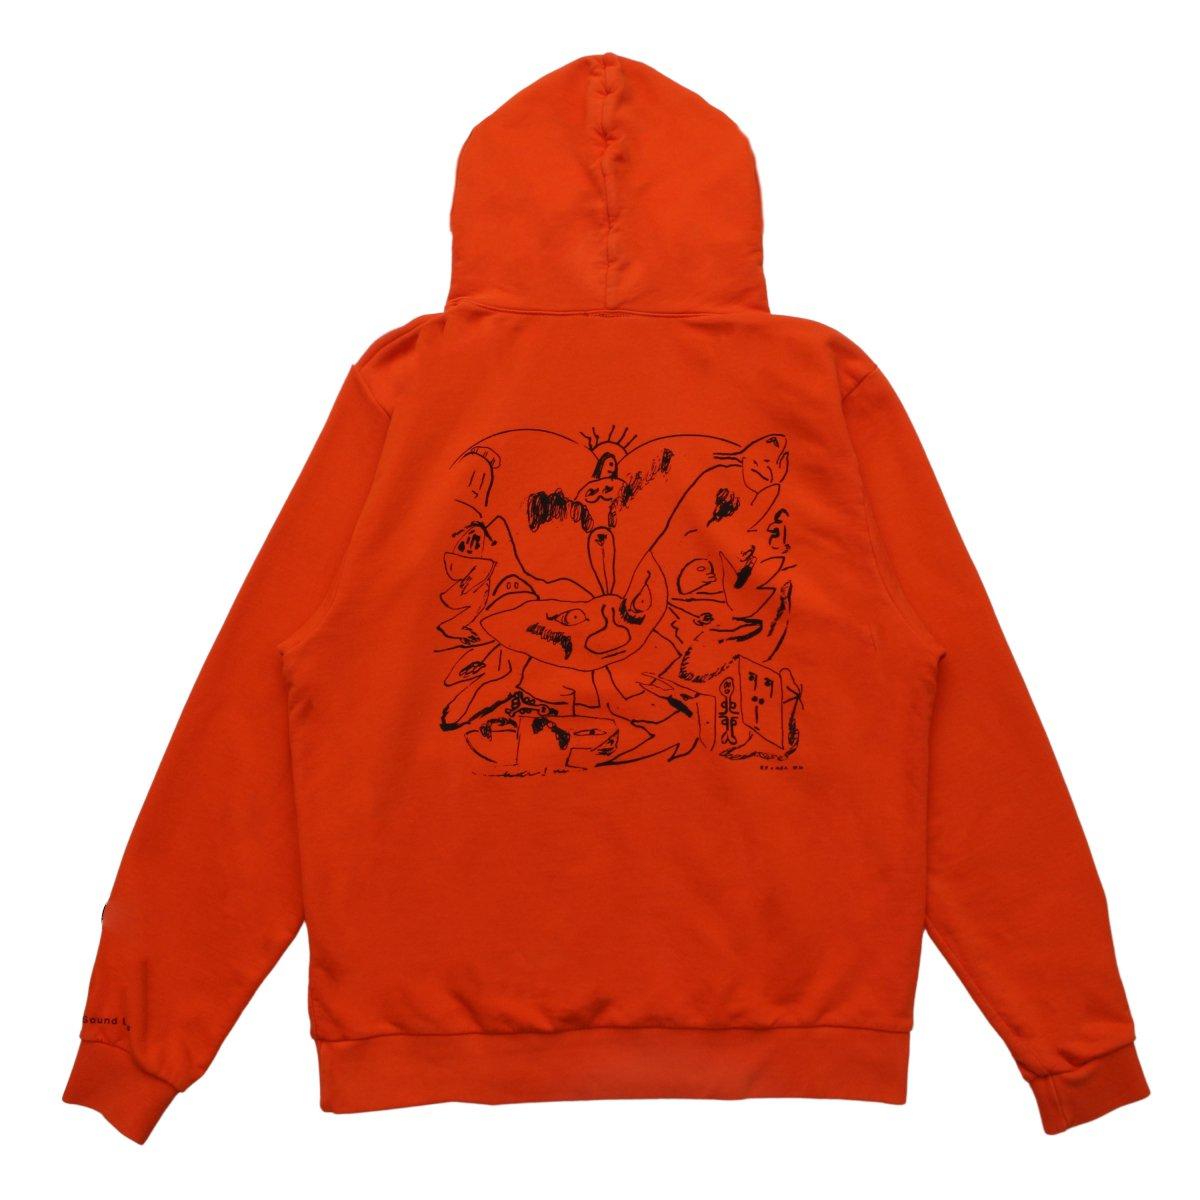 Gathering Hooded Sweatshirt